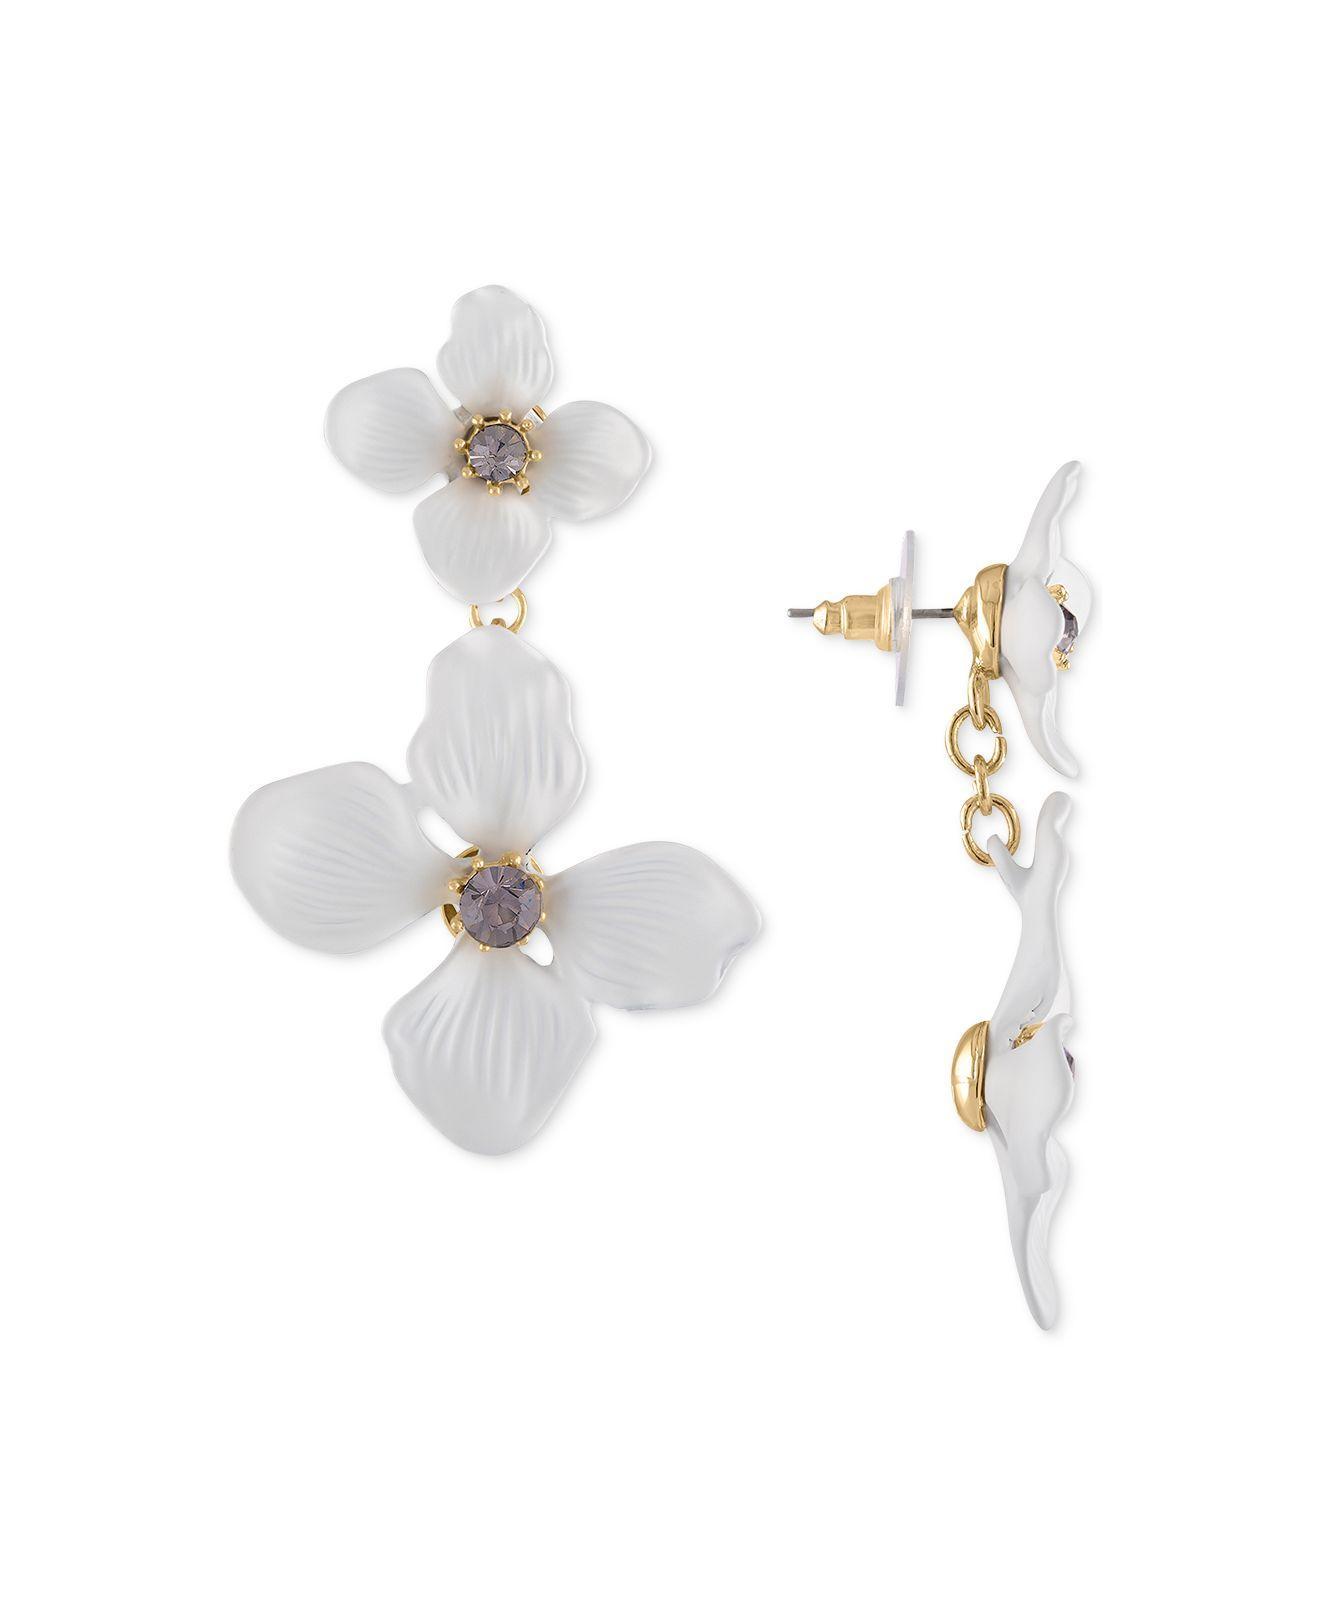 8abb0d485 RACHEL Rachel Roy. Women's White Gold-tone Crystal Flower Double Drop  Earrings